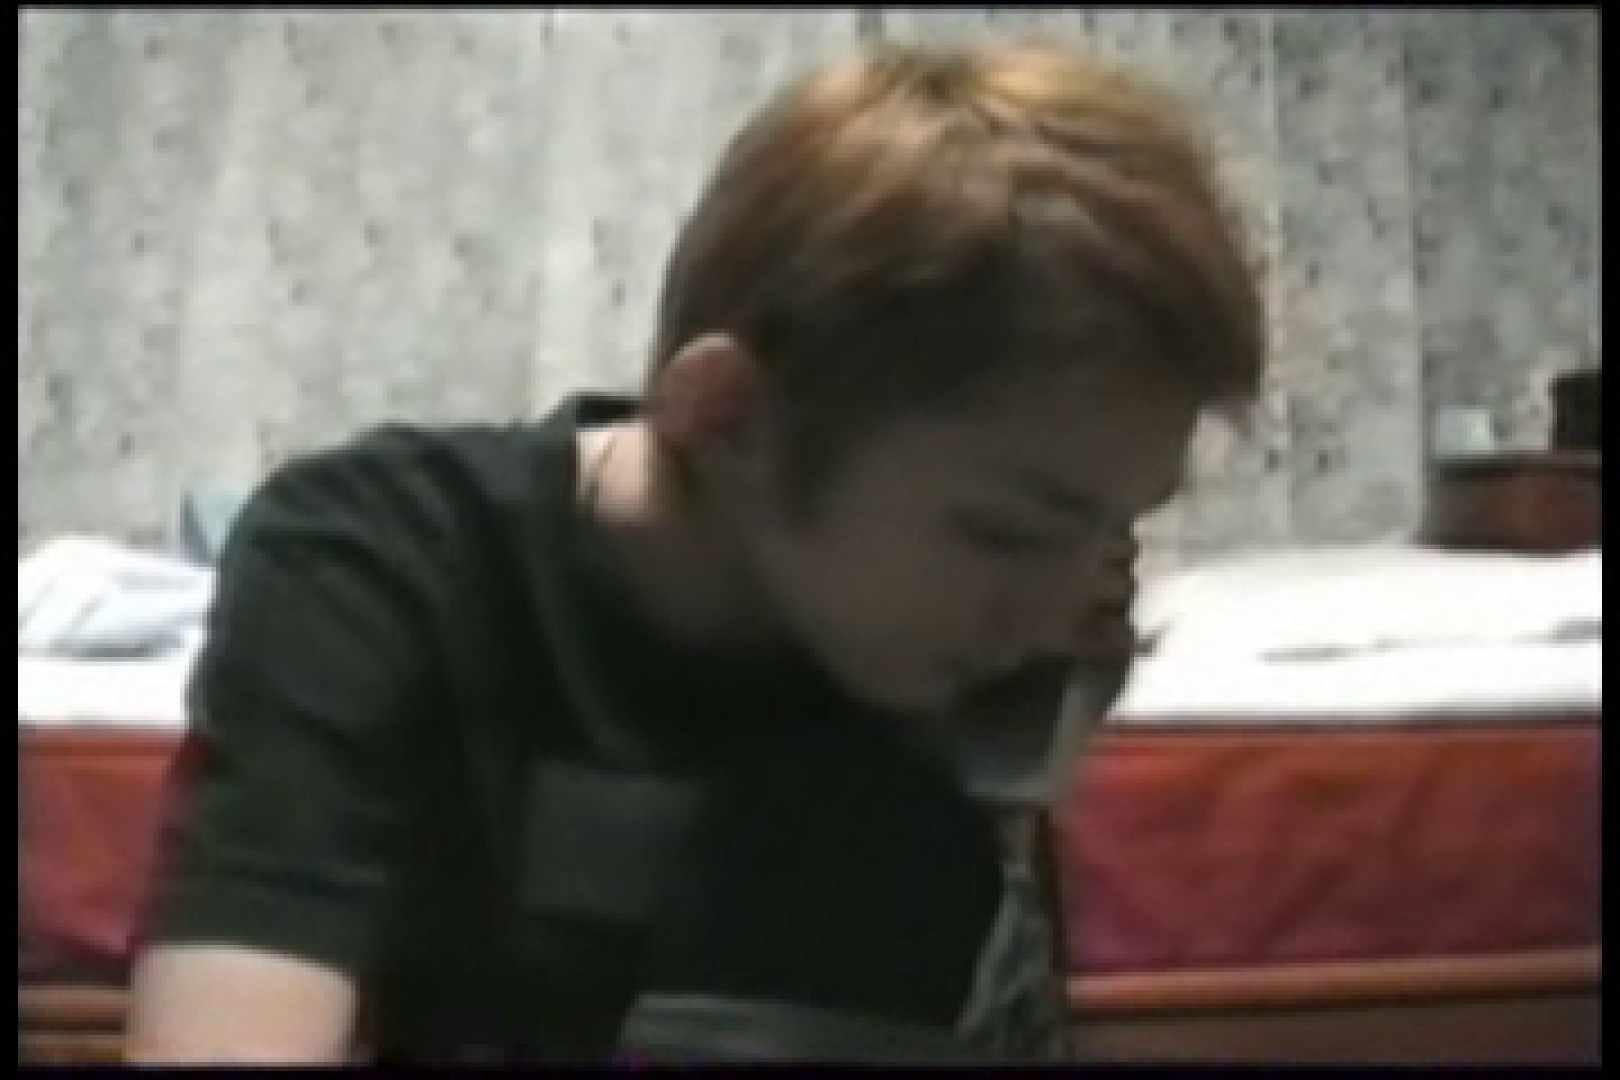 【流出】アイドルを目指したジャニ系イケメンの過去 射精 GAY無修正エロ動画 107枚 4